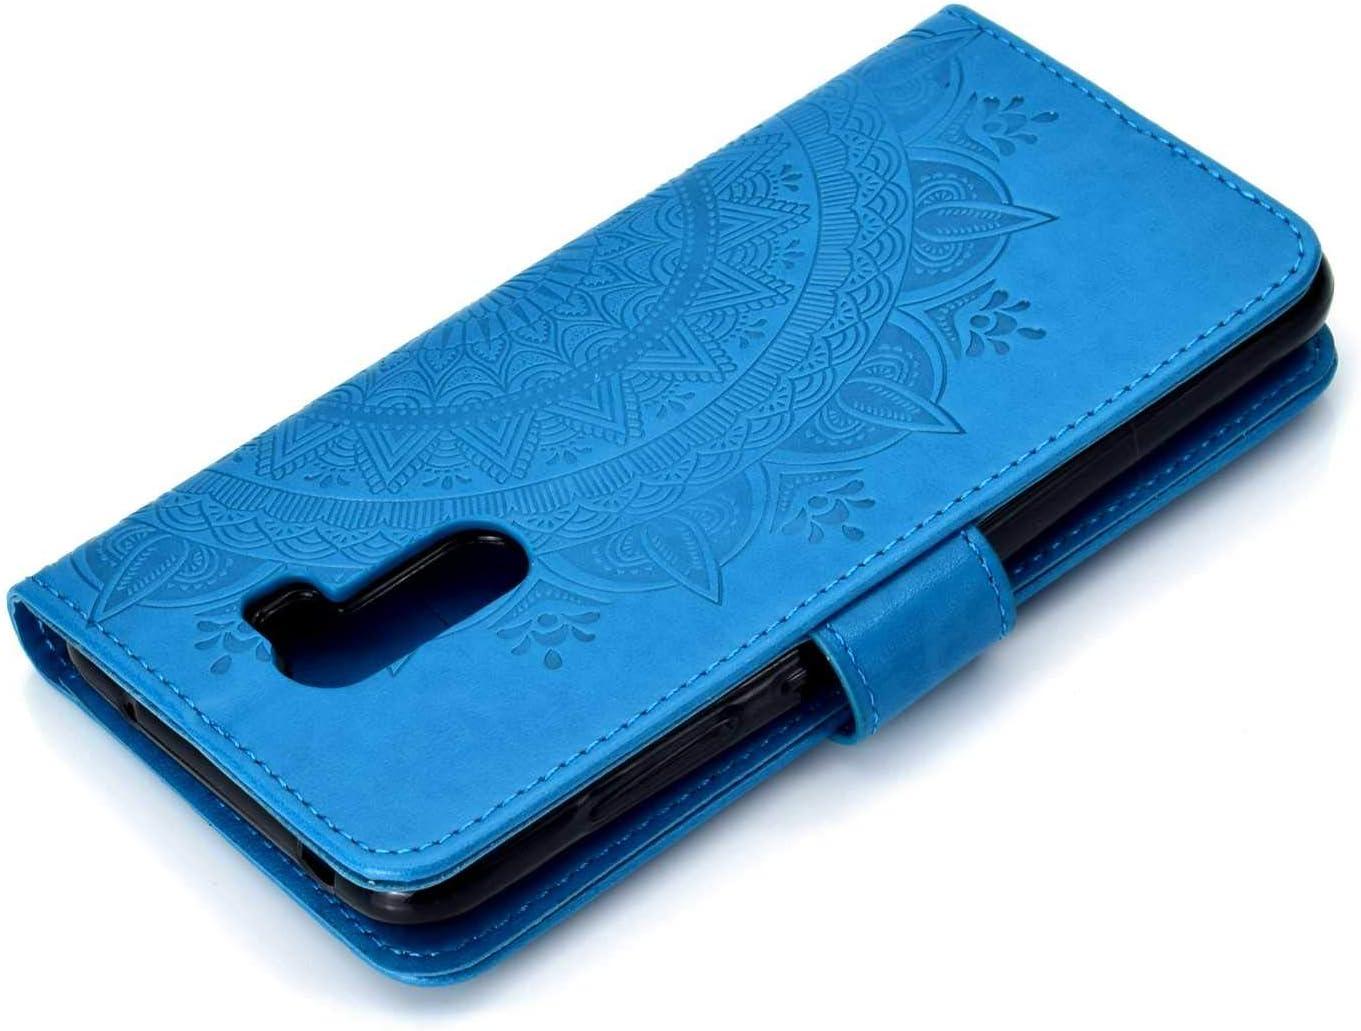 Magnetic Housse avec Fonction de Support pour Xiaomi PocoPhone F1 Bleu The Grafu/® /Étui en Cuir PU Int/érieur en TPU Antichoc Coque Xiaomi PocoPhone F1